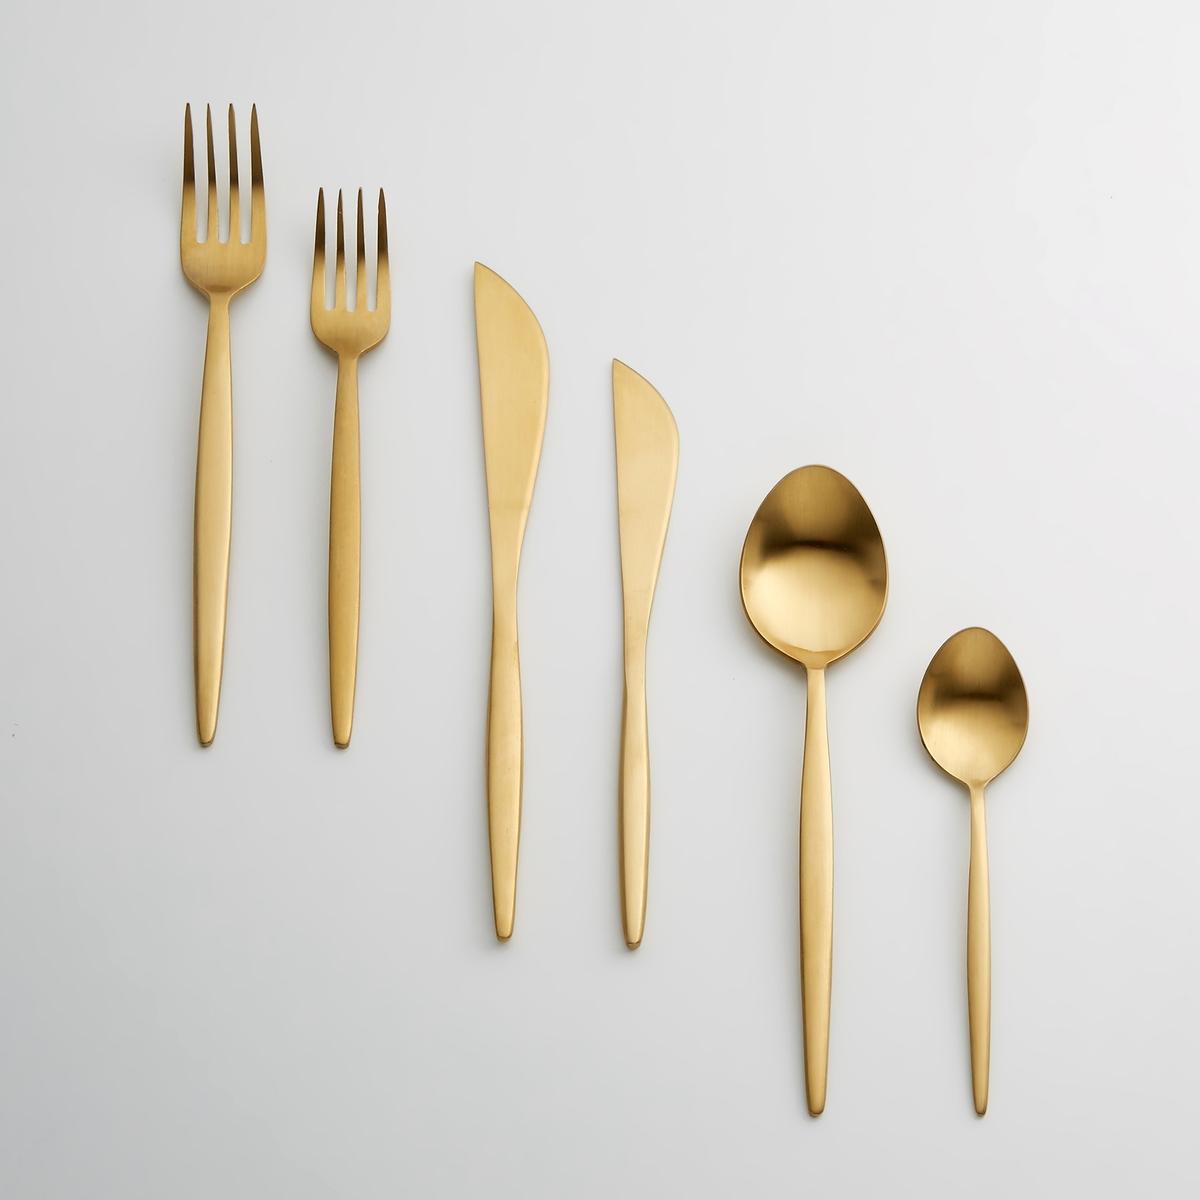 4 вилки десертных, Menella4 вилки десертных Menella . Для элегантного и яркого стола… Из нержавеющей стали с золотистой отделкой . Можно мыть в посудомоечной машине.<br><br>Цвет: золотистый